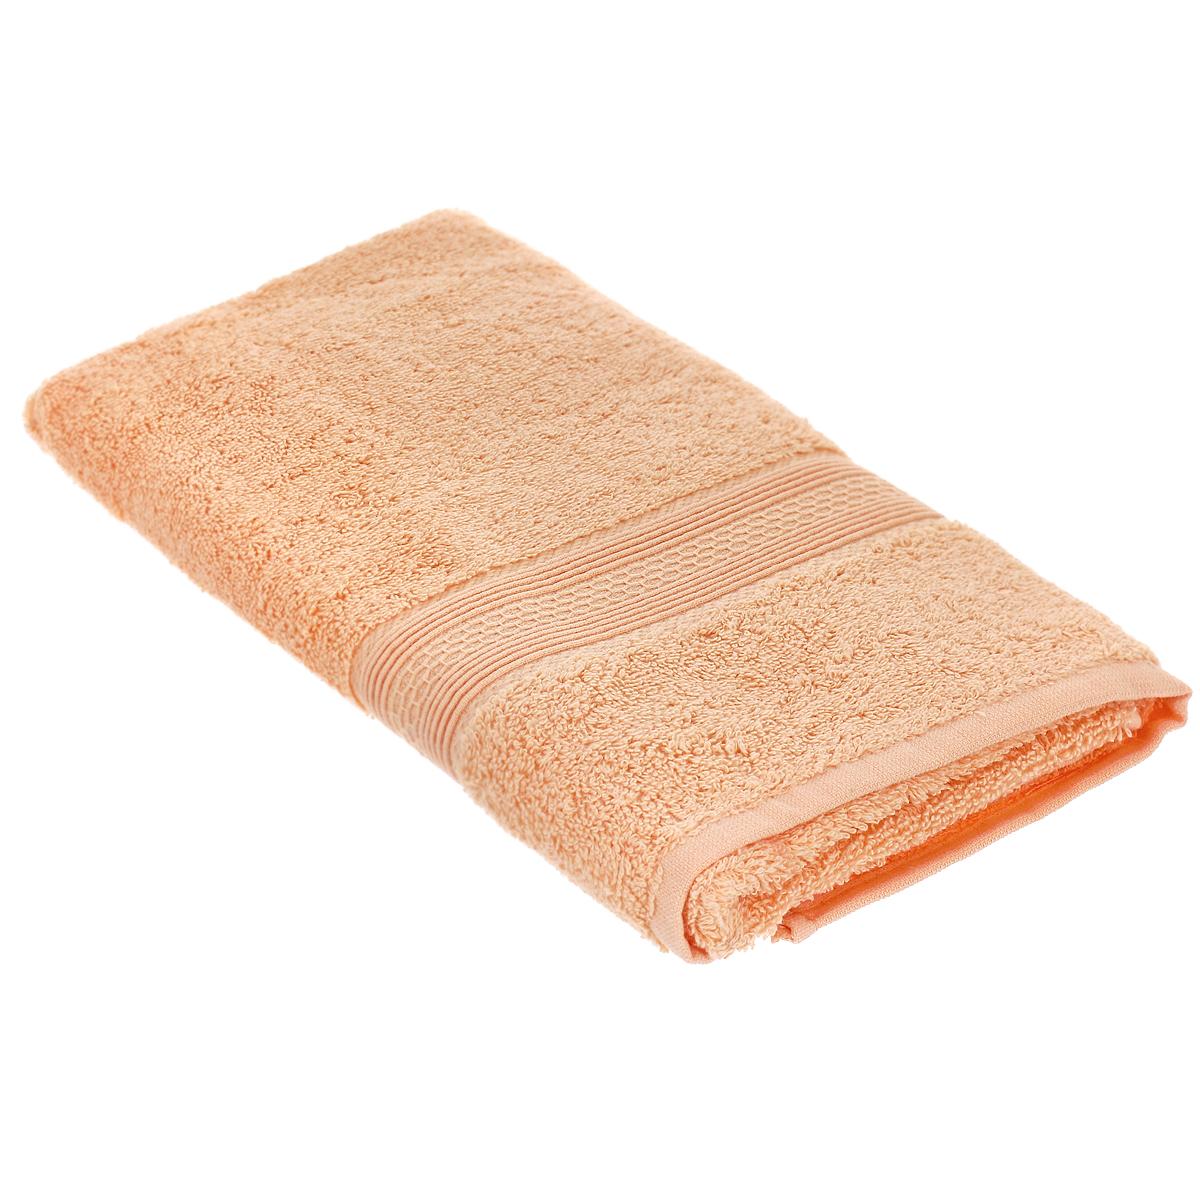 Полотенце махровое TAC Touchsoft, цвет: персиковый, 50 x 90 см0911-84052Махровое полотенце TAC Touchsoft выполнено из натуральной махровой ткани (100% хлопок). Изделие отлично впитывает влагу, быстро сохнет, сохраняет яркость цвета и не теряет форму даже после многократных стирок. Полотенце очень практично и неприхотливо в уходе. Оно создаст прекрасное настроение в ванной комнате. Рекомендации по уходу: - режим стирки при 40°C, - допускается деликатная сухая химчистка, - отбеливание запрещено, - глажка при температуре подошвы утюга до 200С, - рекомендуется щадящий барабанный отжим.